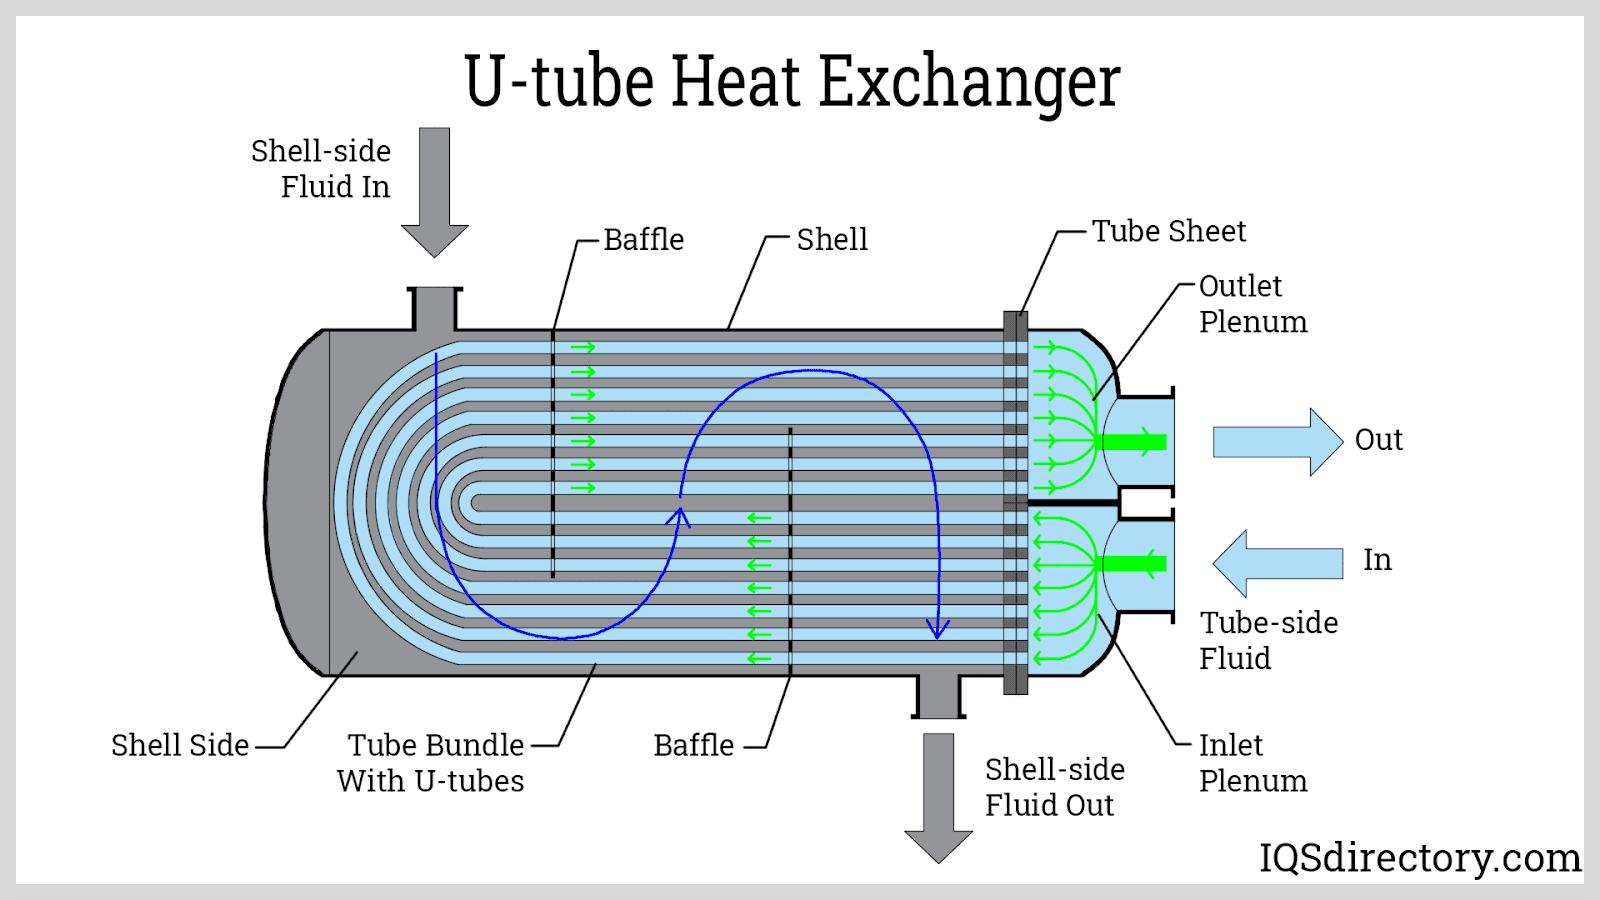 U-tube Heat Exchanger